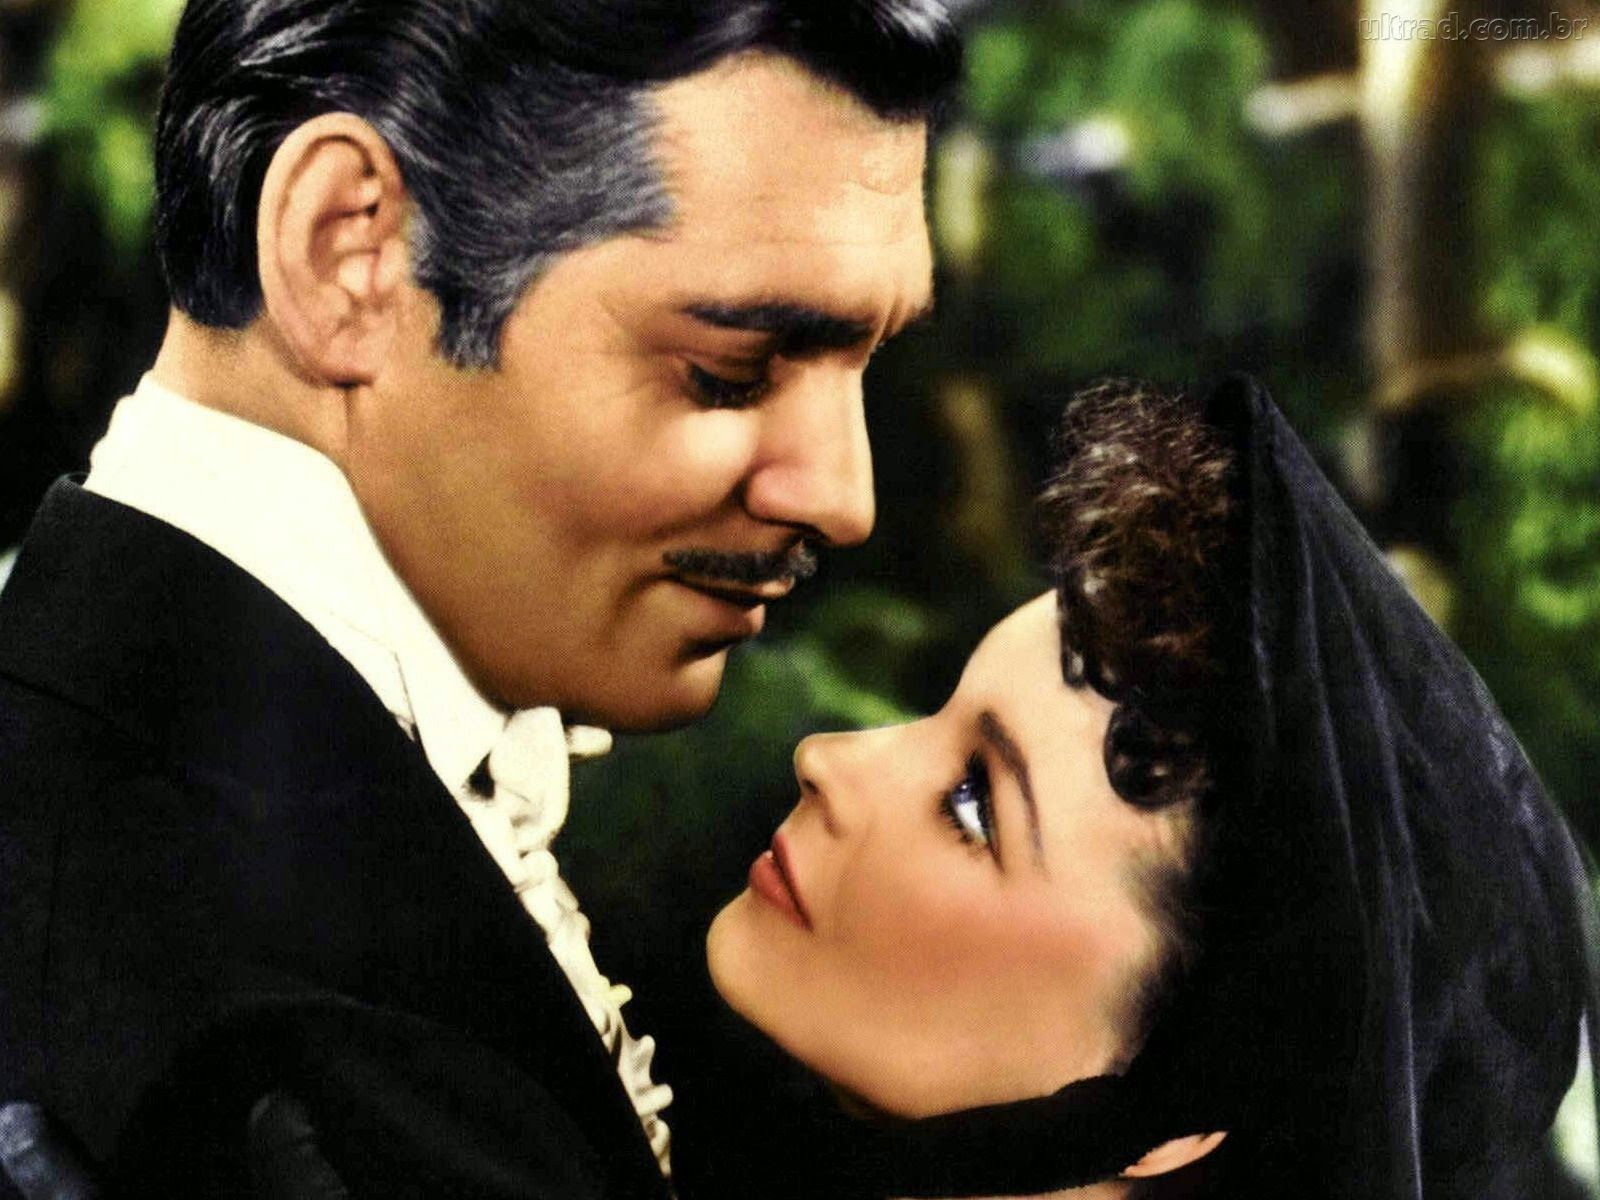 30 casais mais famosos do cinema    por Jéssica Ivi | Missivi blog       - http://modatrade.com.br/30-casais-mais-famosos-do-cinema